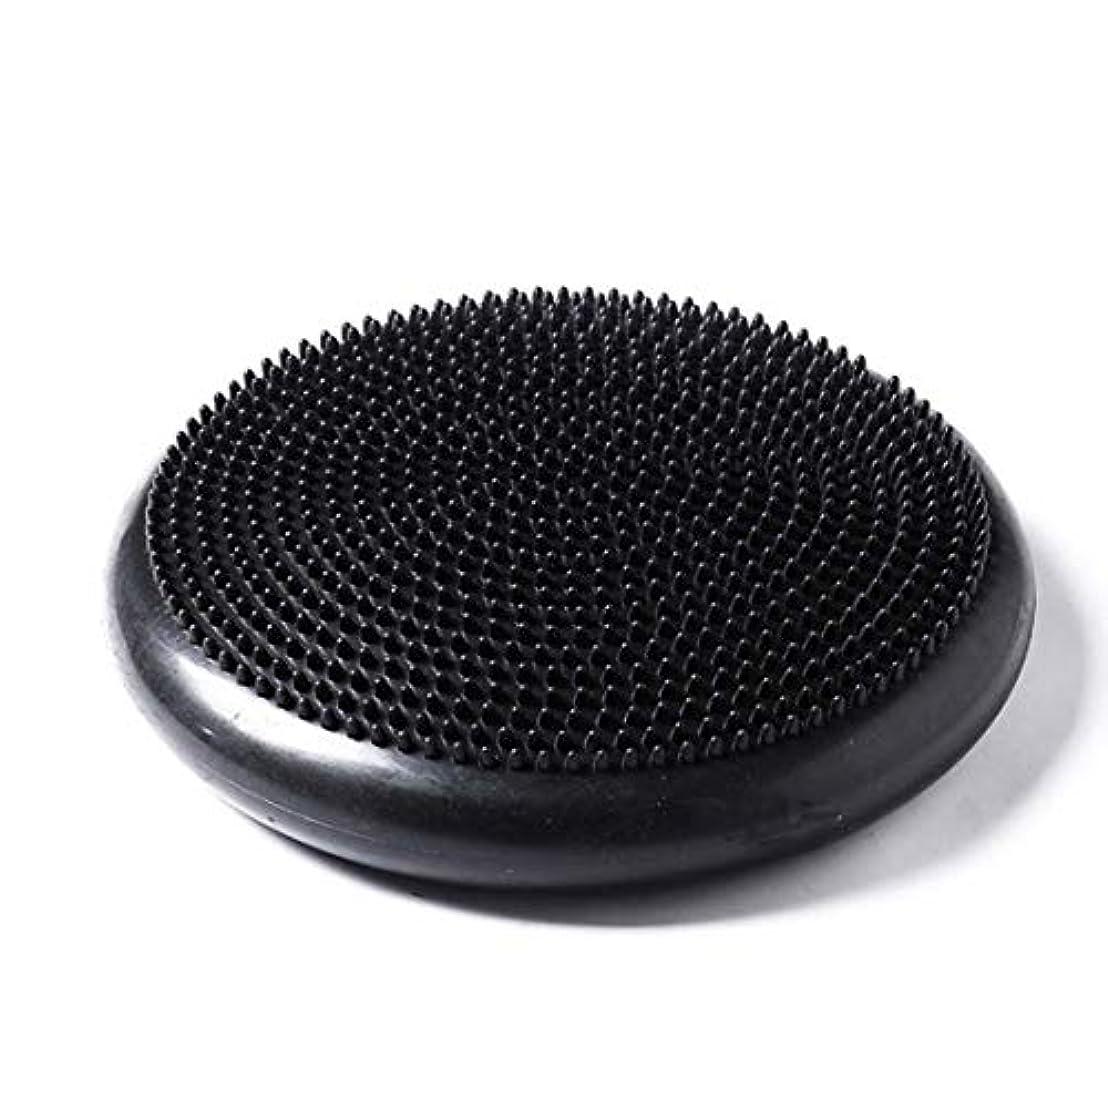 ビタミンテメリティ強制的ポータブルサイズpvcボディエクササイズフィットネス安定性ディスクバランスヨガパッドウォブルクッション足首膝ボードポンプ付き